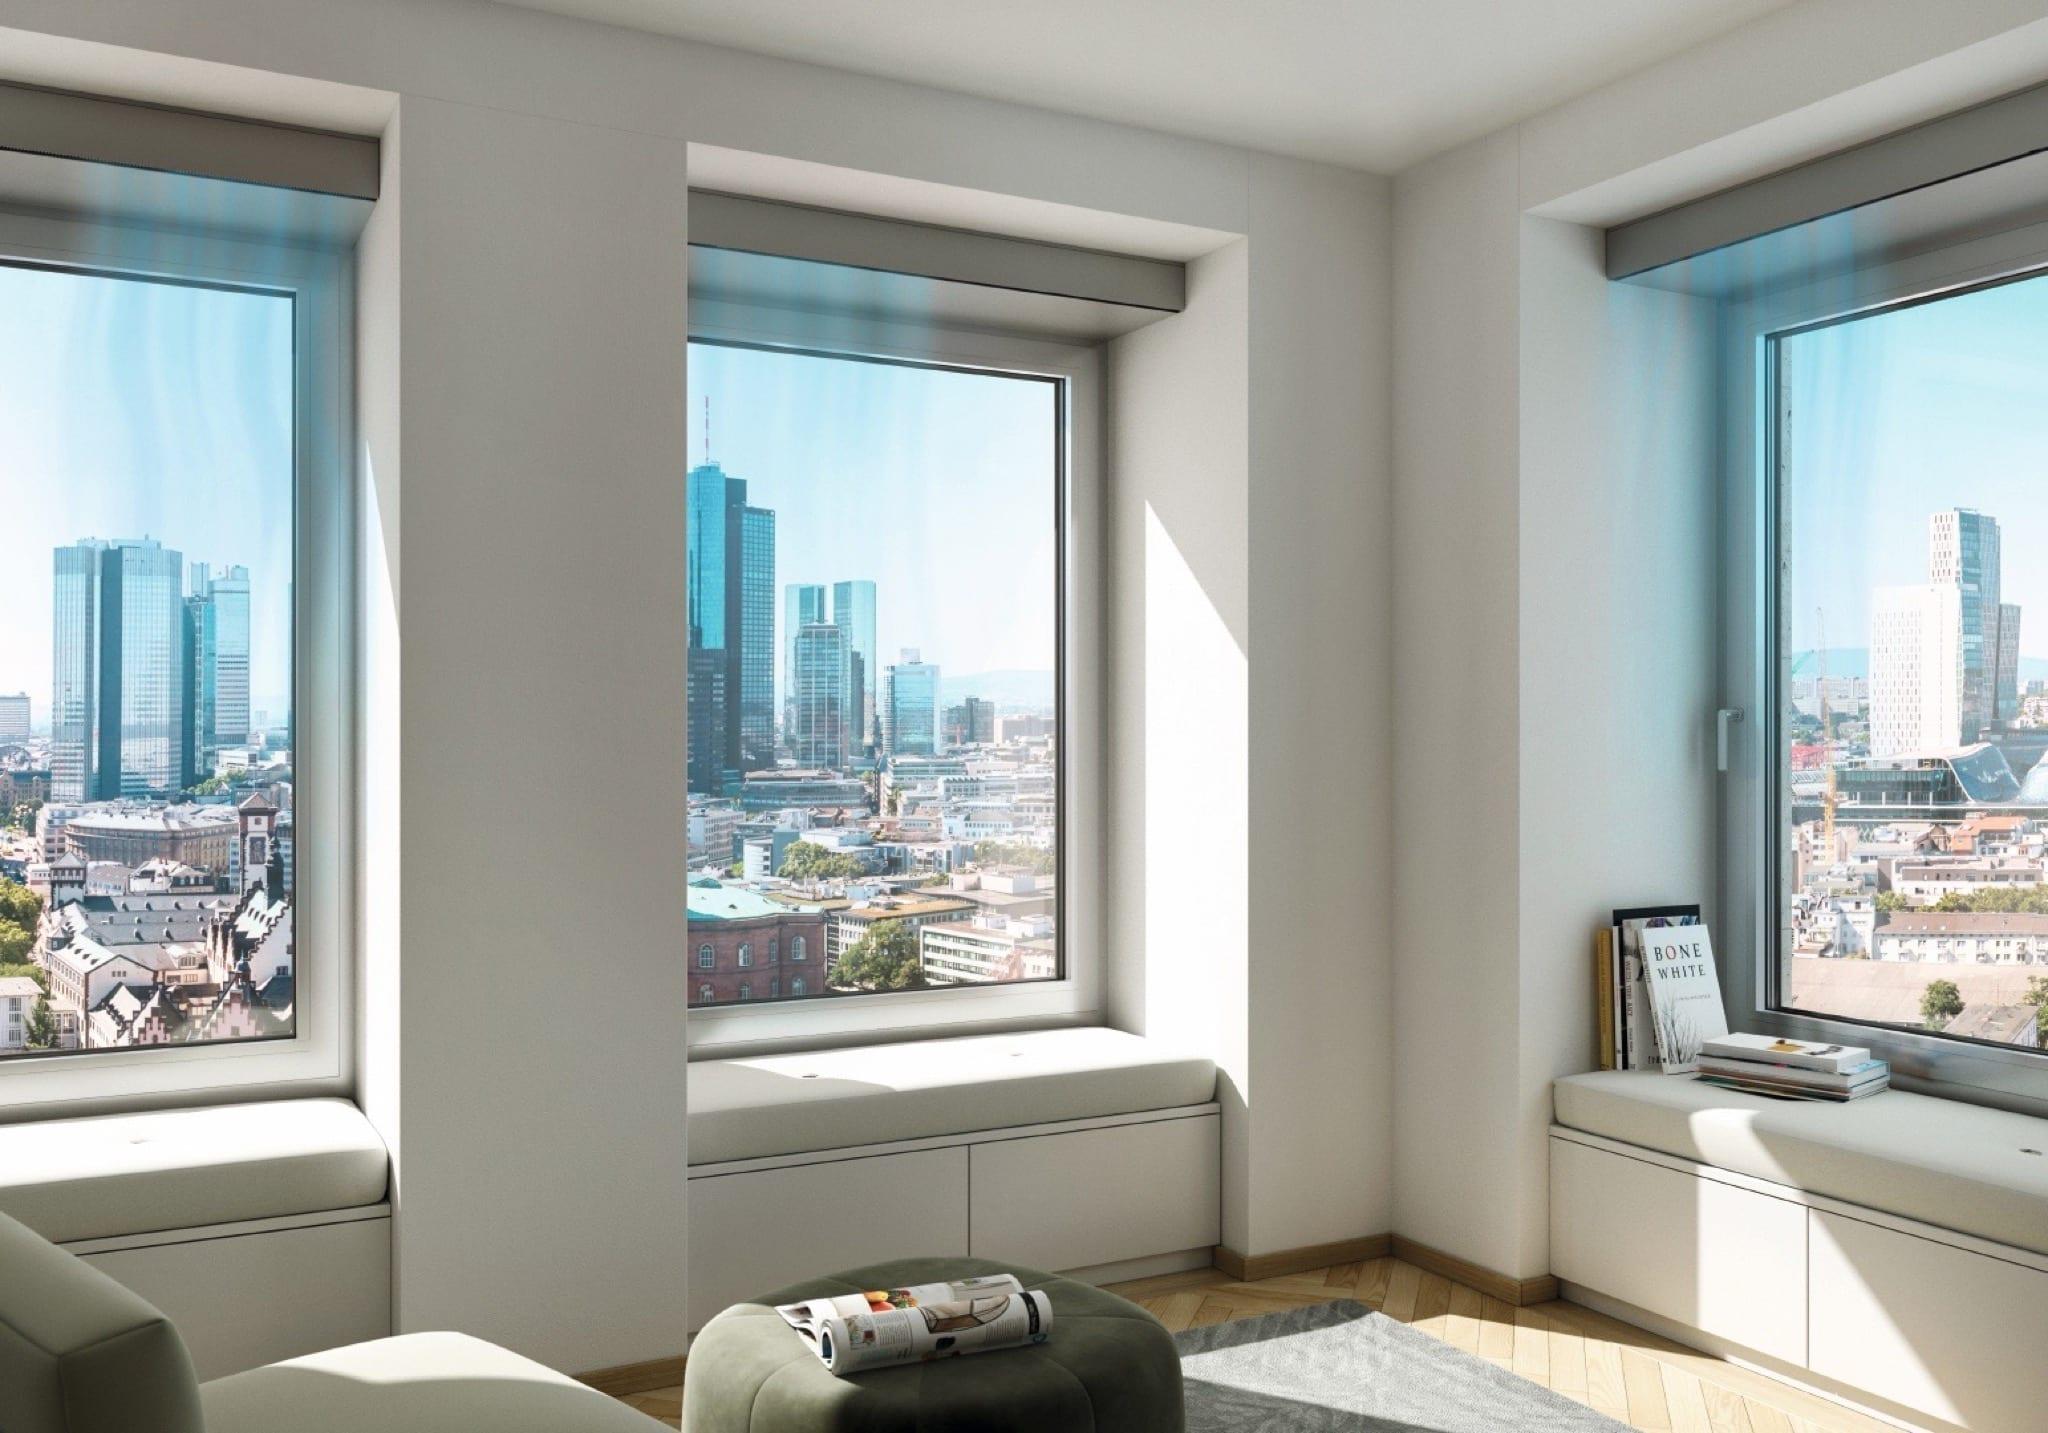 VentoTherm Twist m Wohnzimmer Luftstrom copy - Soluțiile Smart Home de la Schüco, pentru confort, siguranță și eficiență energetică